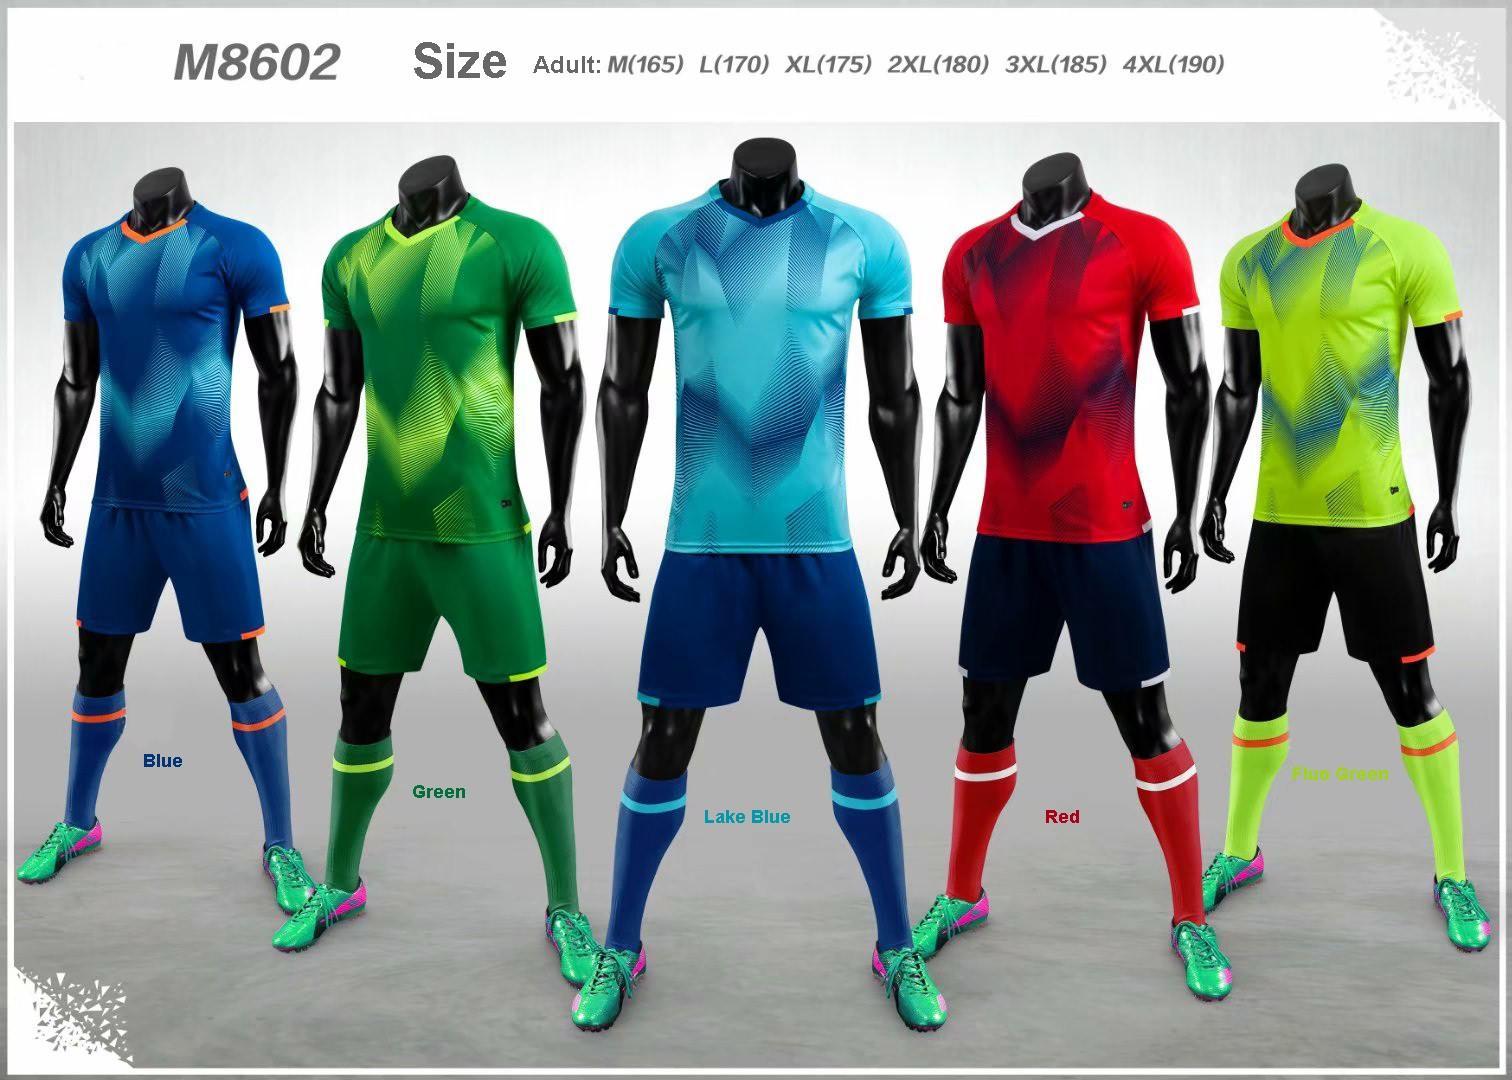 M8602 Yetişkin M-4XL Blank özelleştirme Takım Seti 2020-2021 Futbol Forma Seti Futbol Takımı Erkekler Eğitim Üniformalar Gömlek + Şort